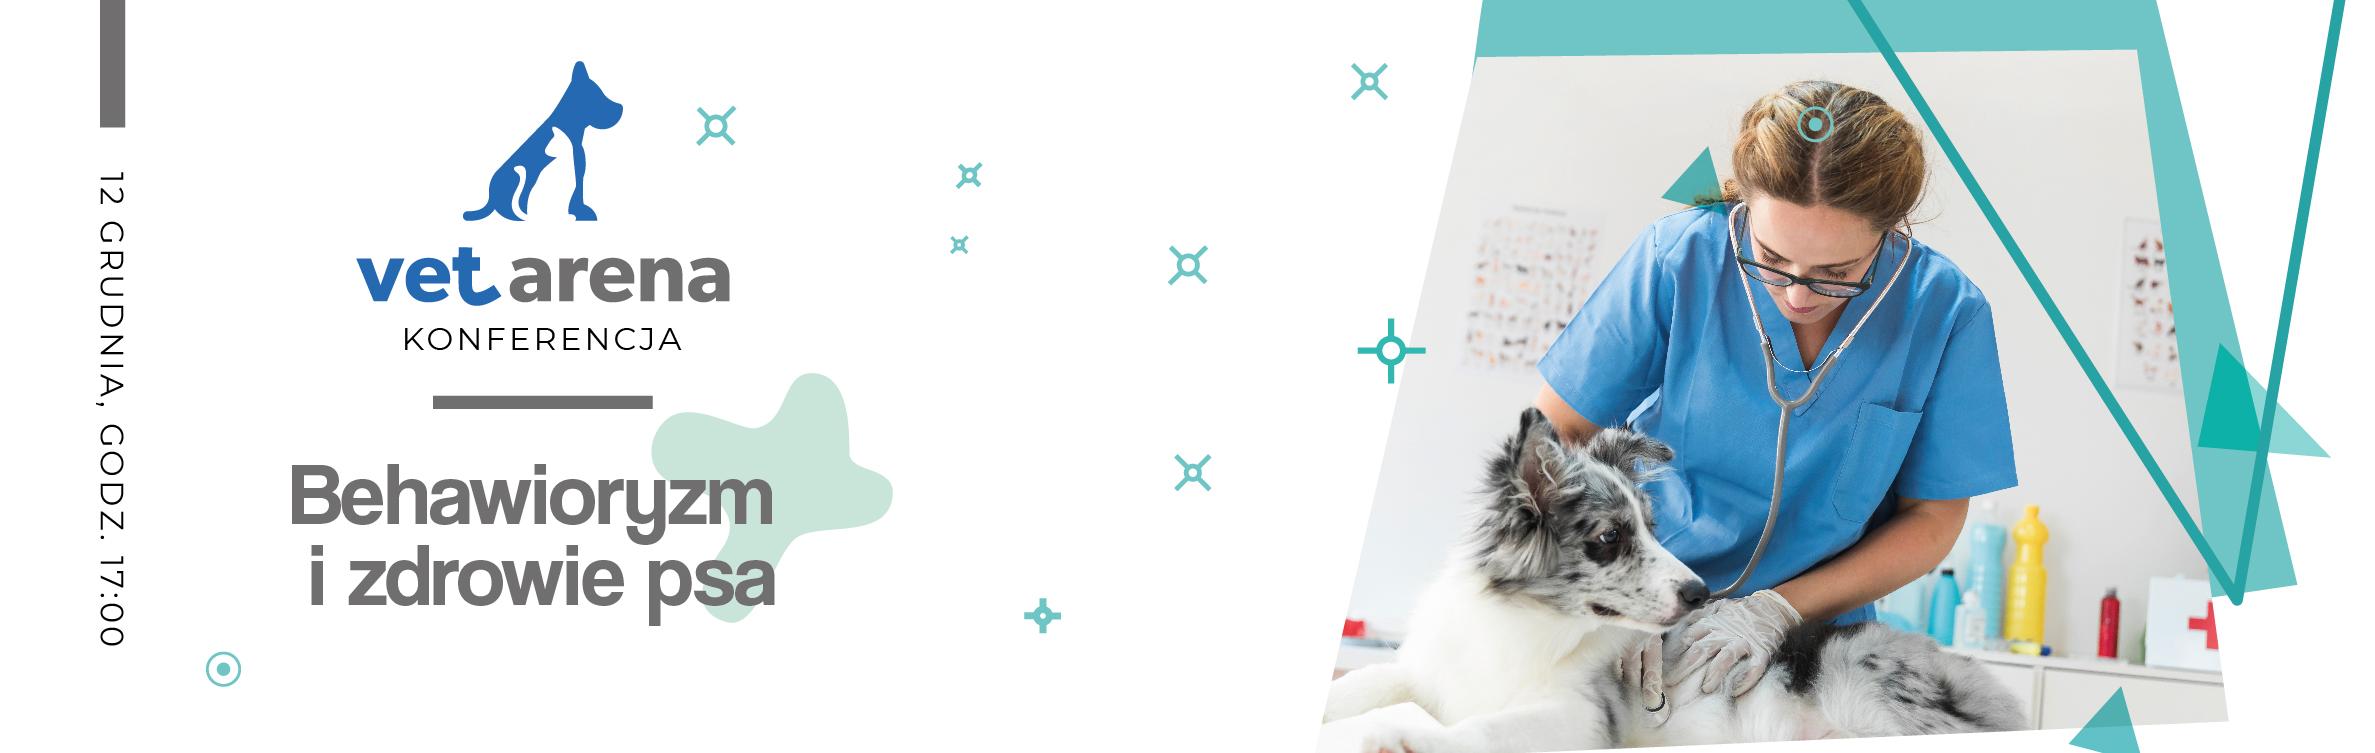 II Konferencja Vet Arena Online − Wszystko, co powinieneś wiedzieć o kotach!